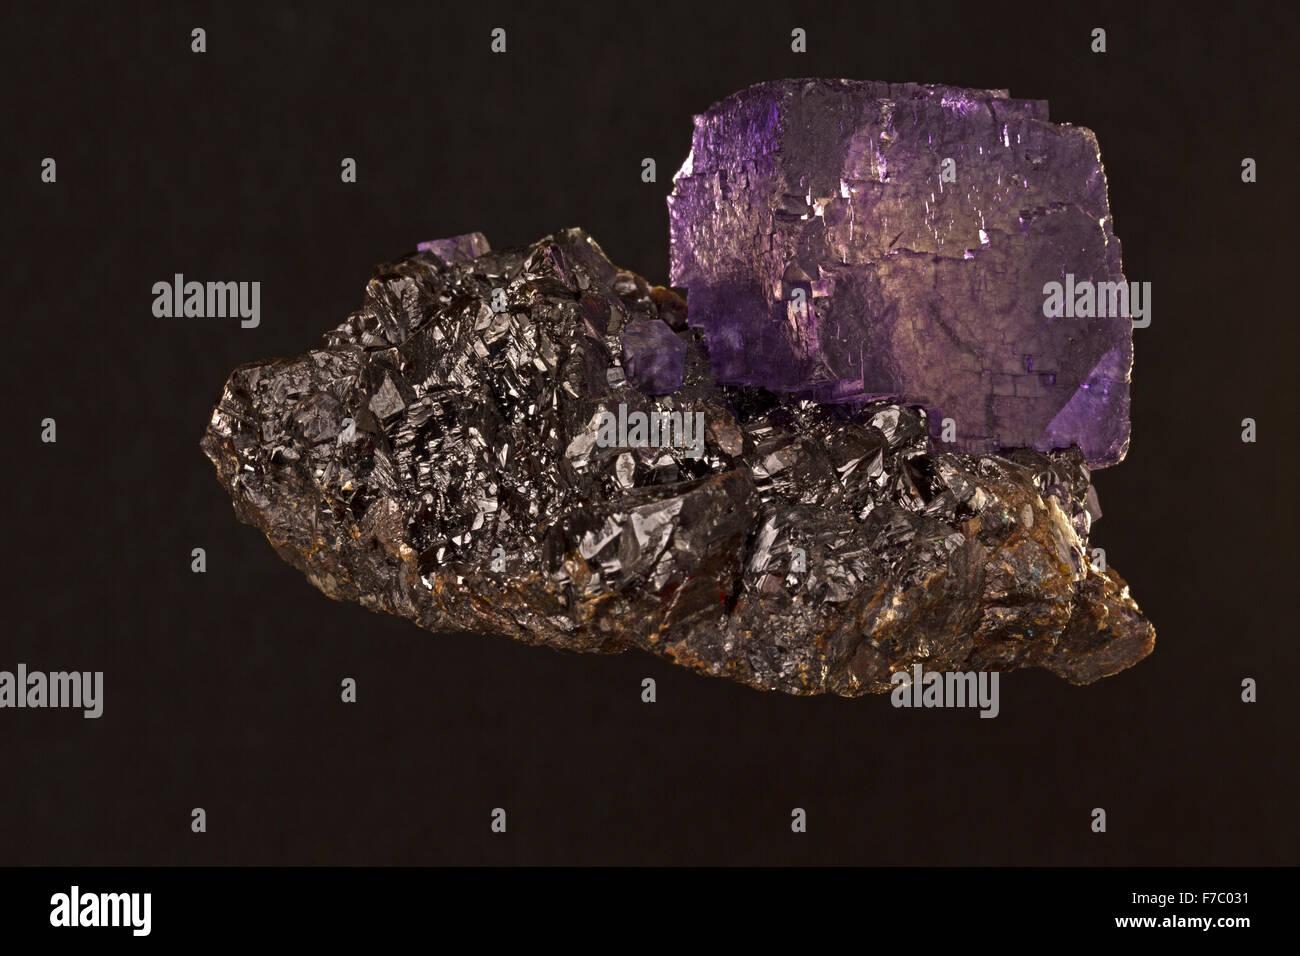 fluorite on Sphalerite, Elmwood mine, Eennessee - Stock Image